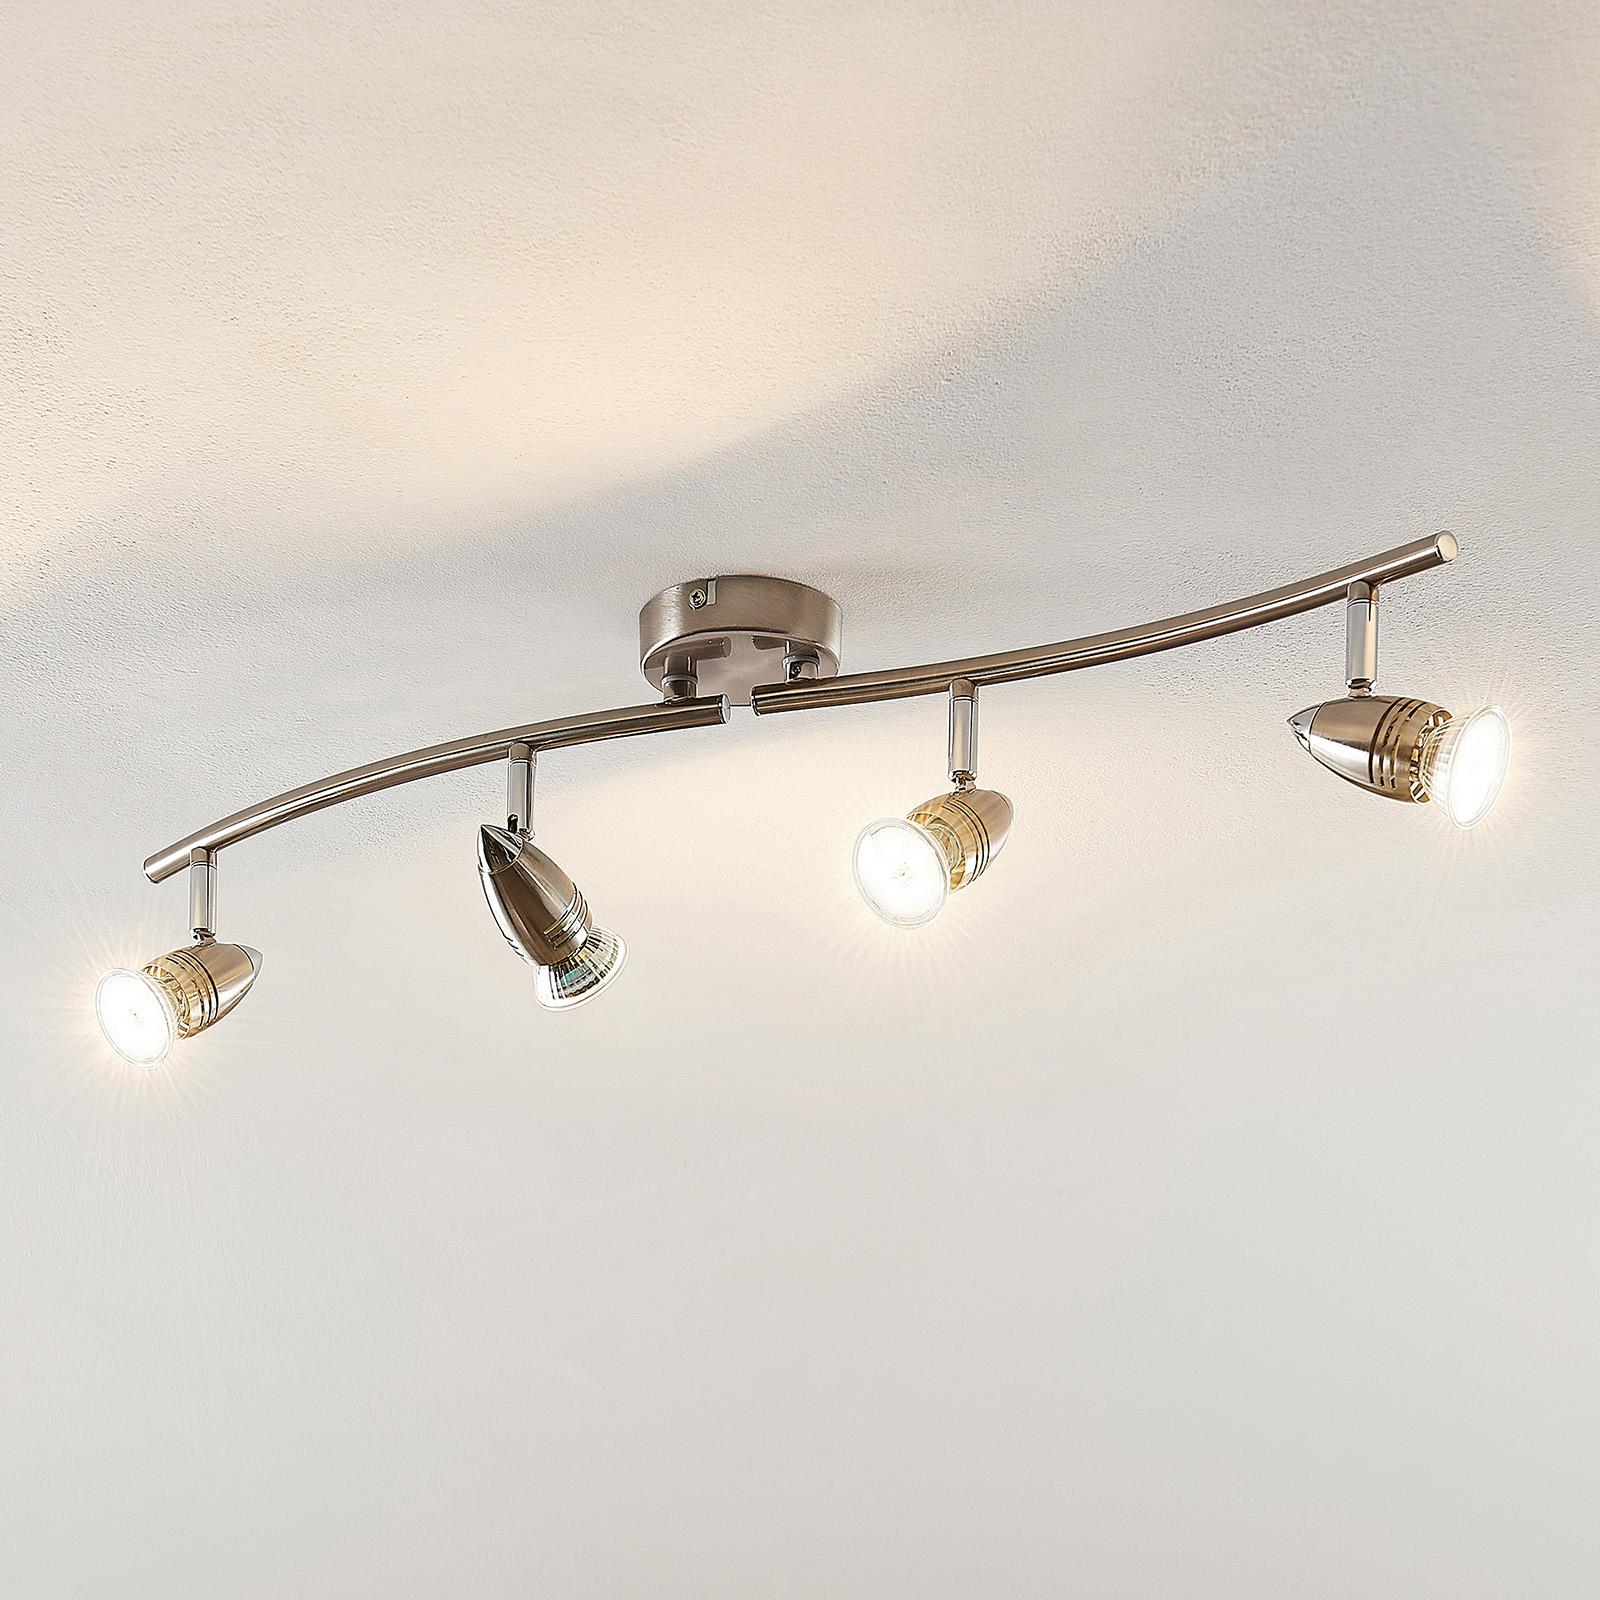 ELC Kalean spot pour plafond LED, nickel, 4 lampes